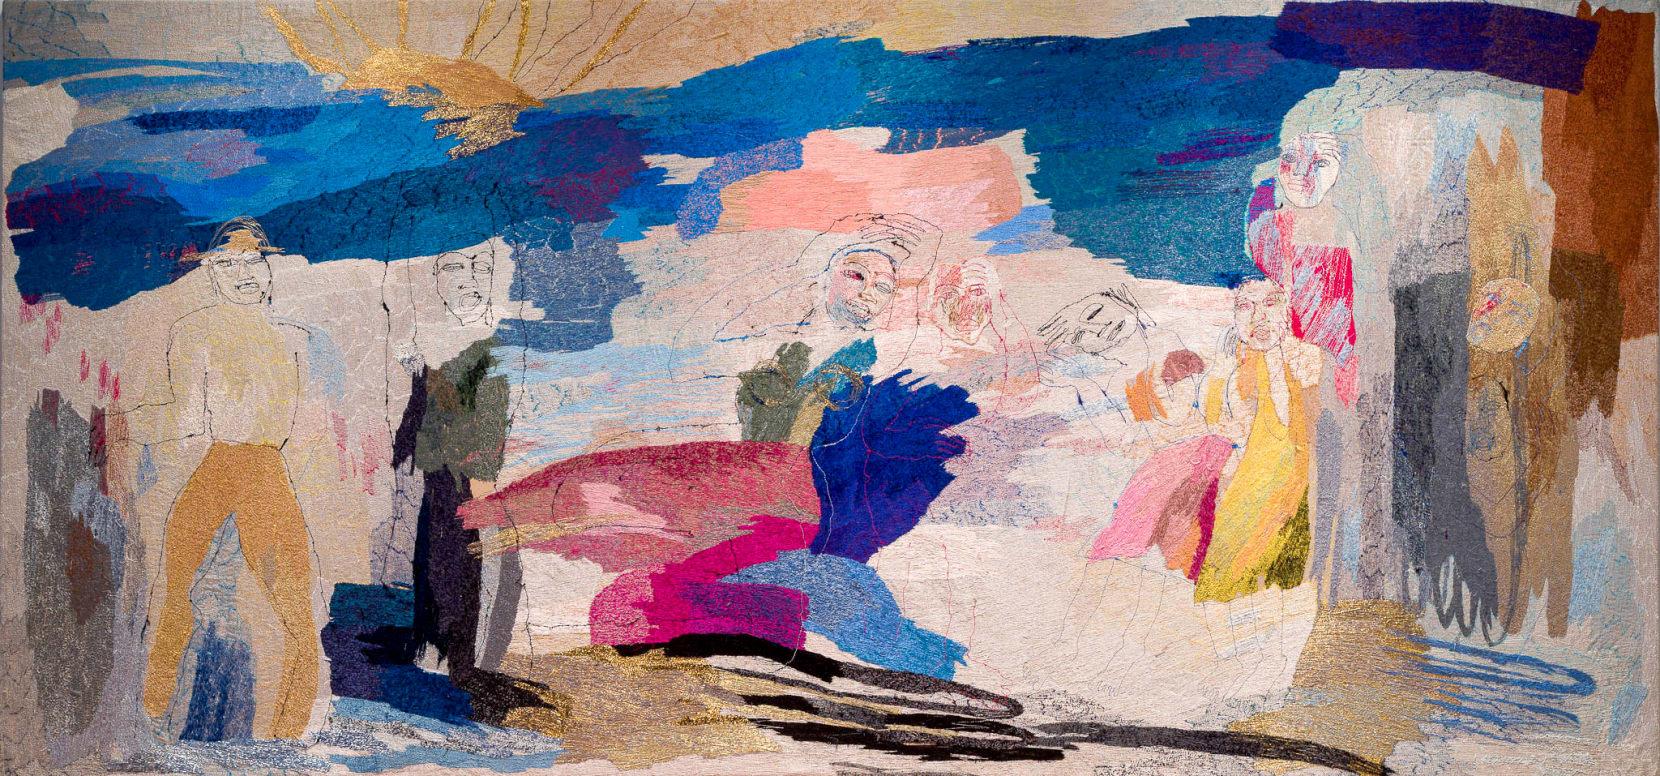 Alice Kettle, Odyssey, 2003